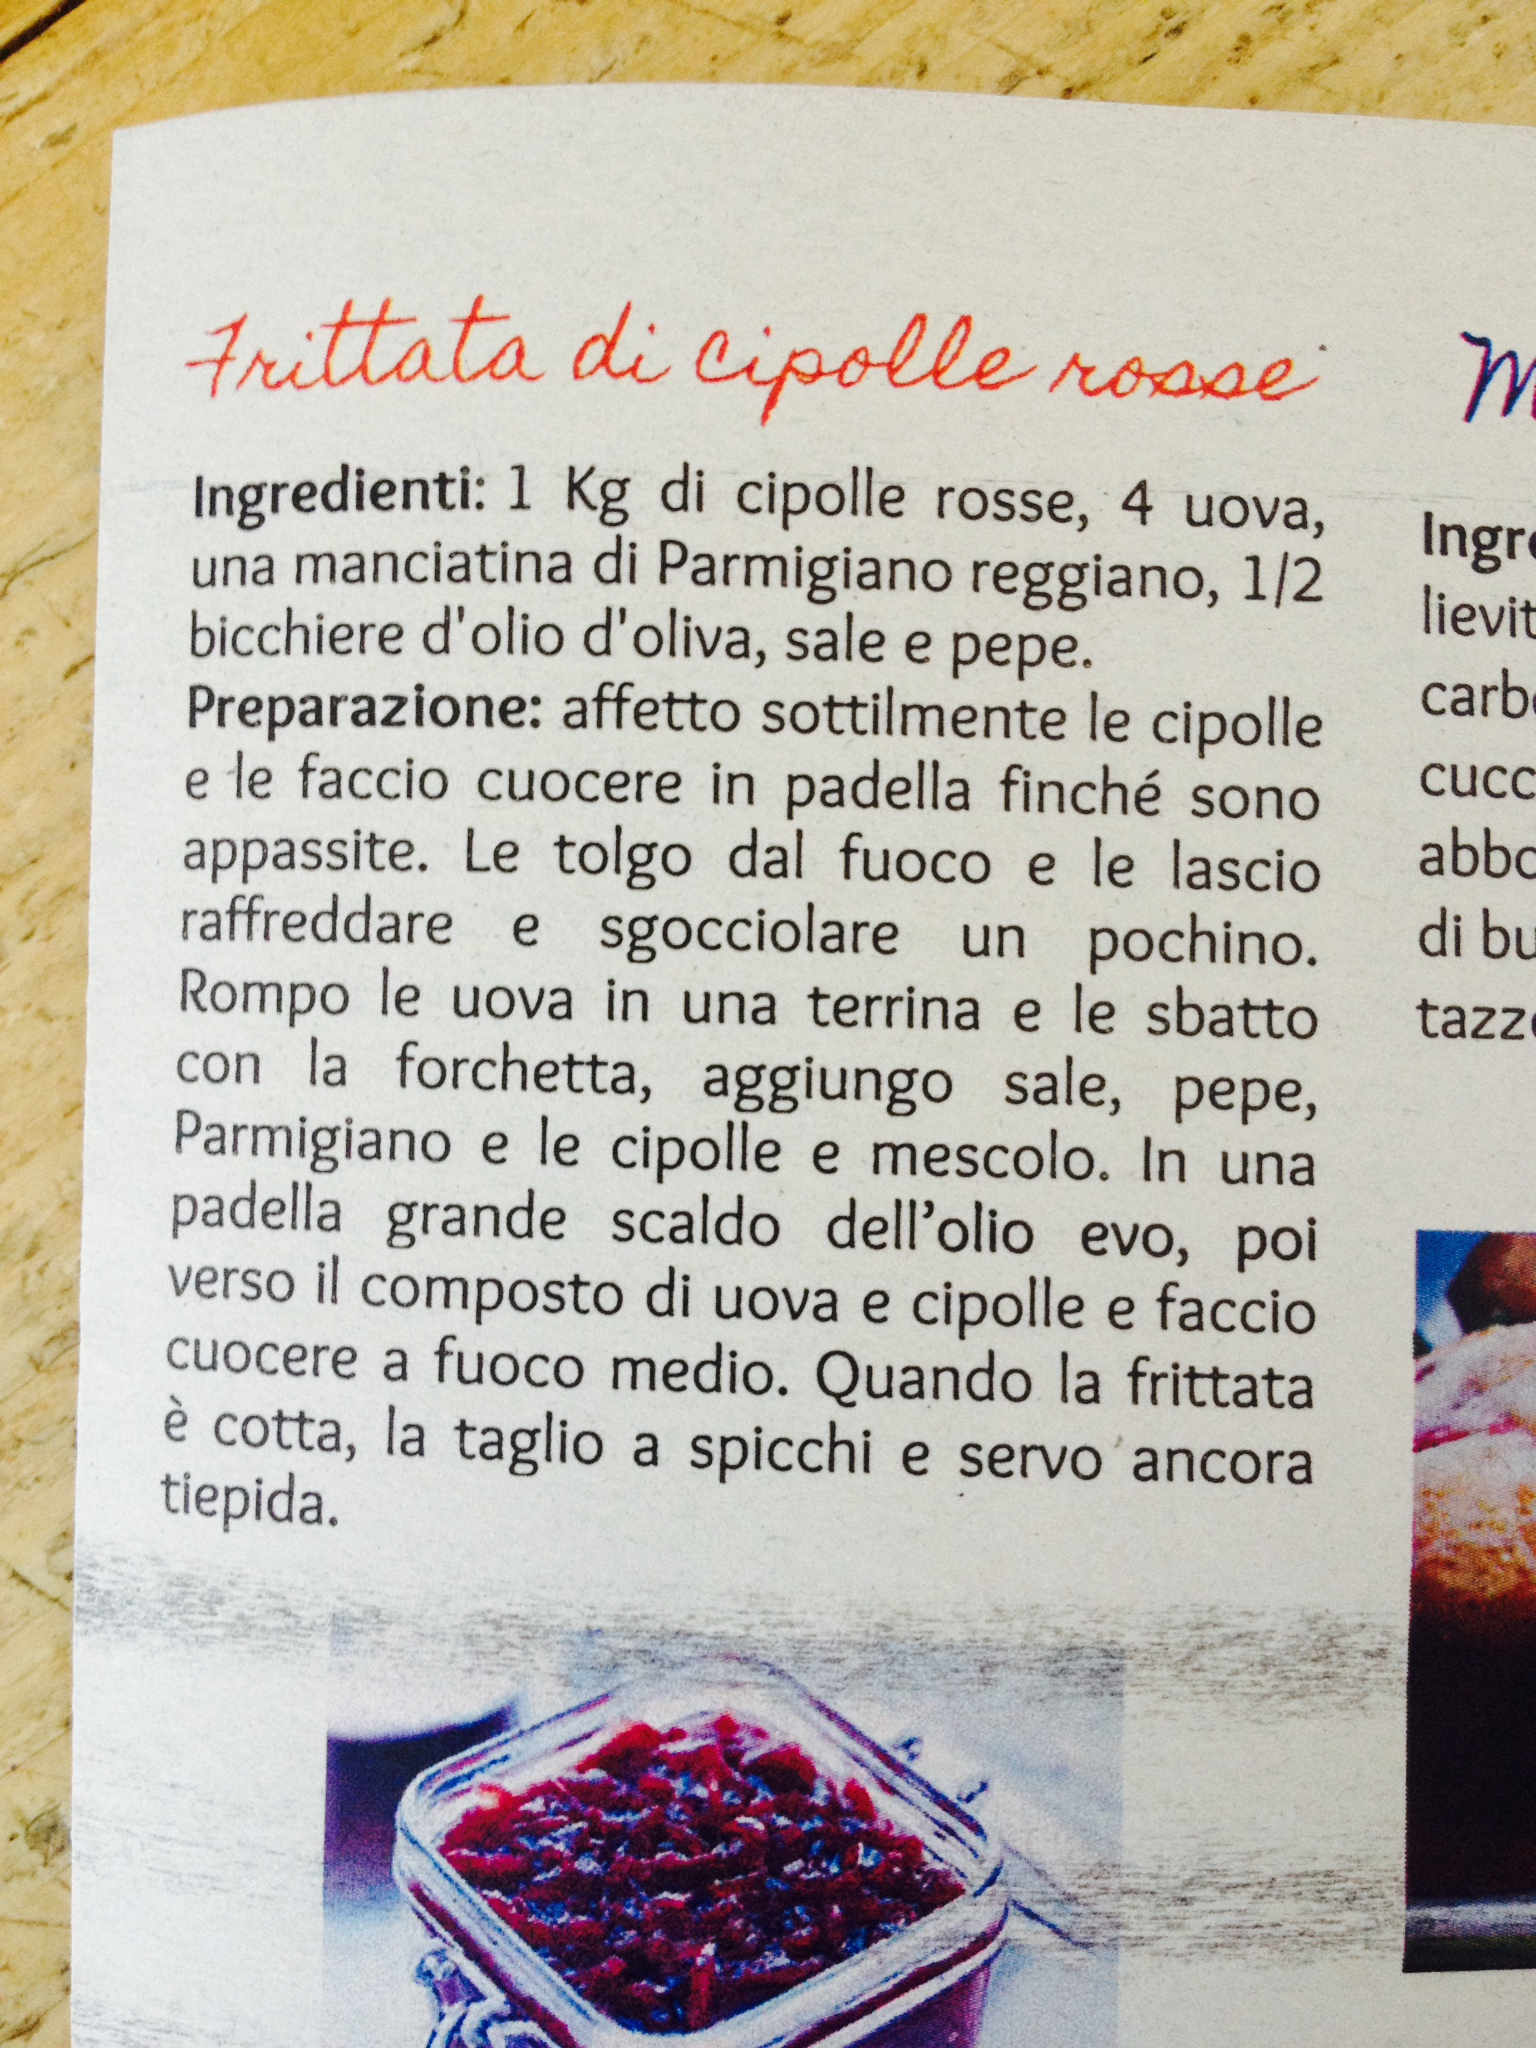 Ricetta della frittata di cipolle rosse, a cura di Portanatura.